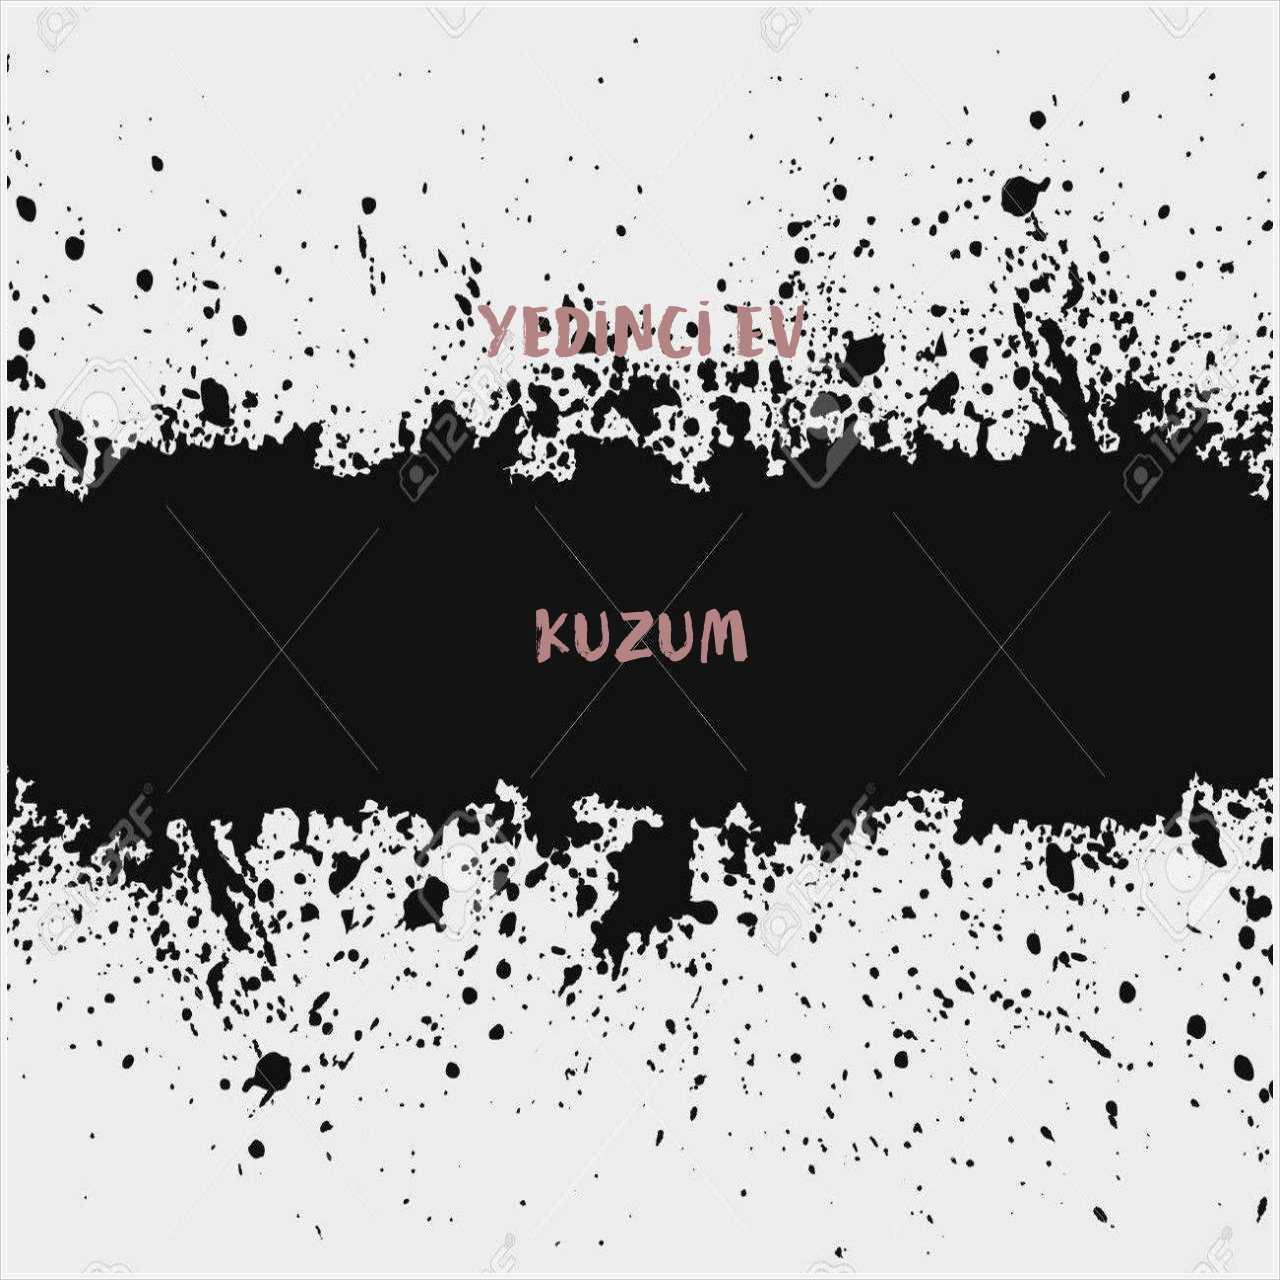 دانلود آهنگ جدید Yedinci Ev به نام Kuzum